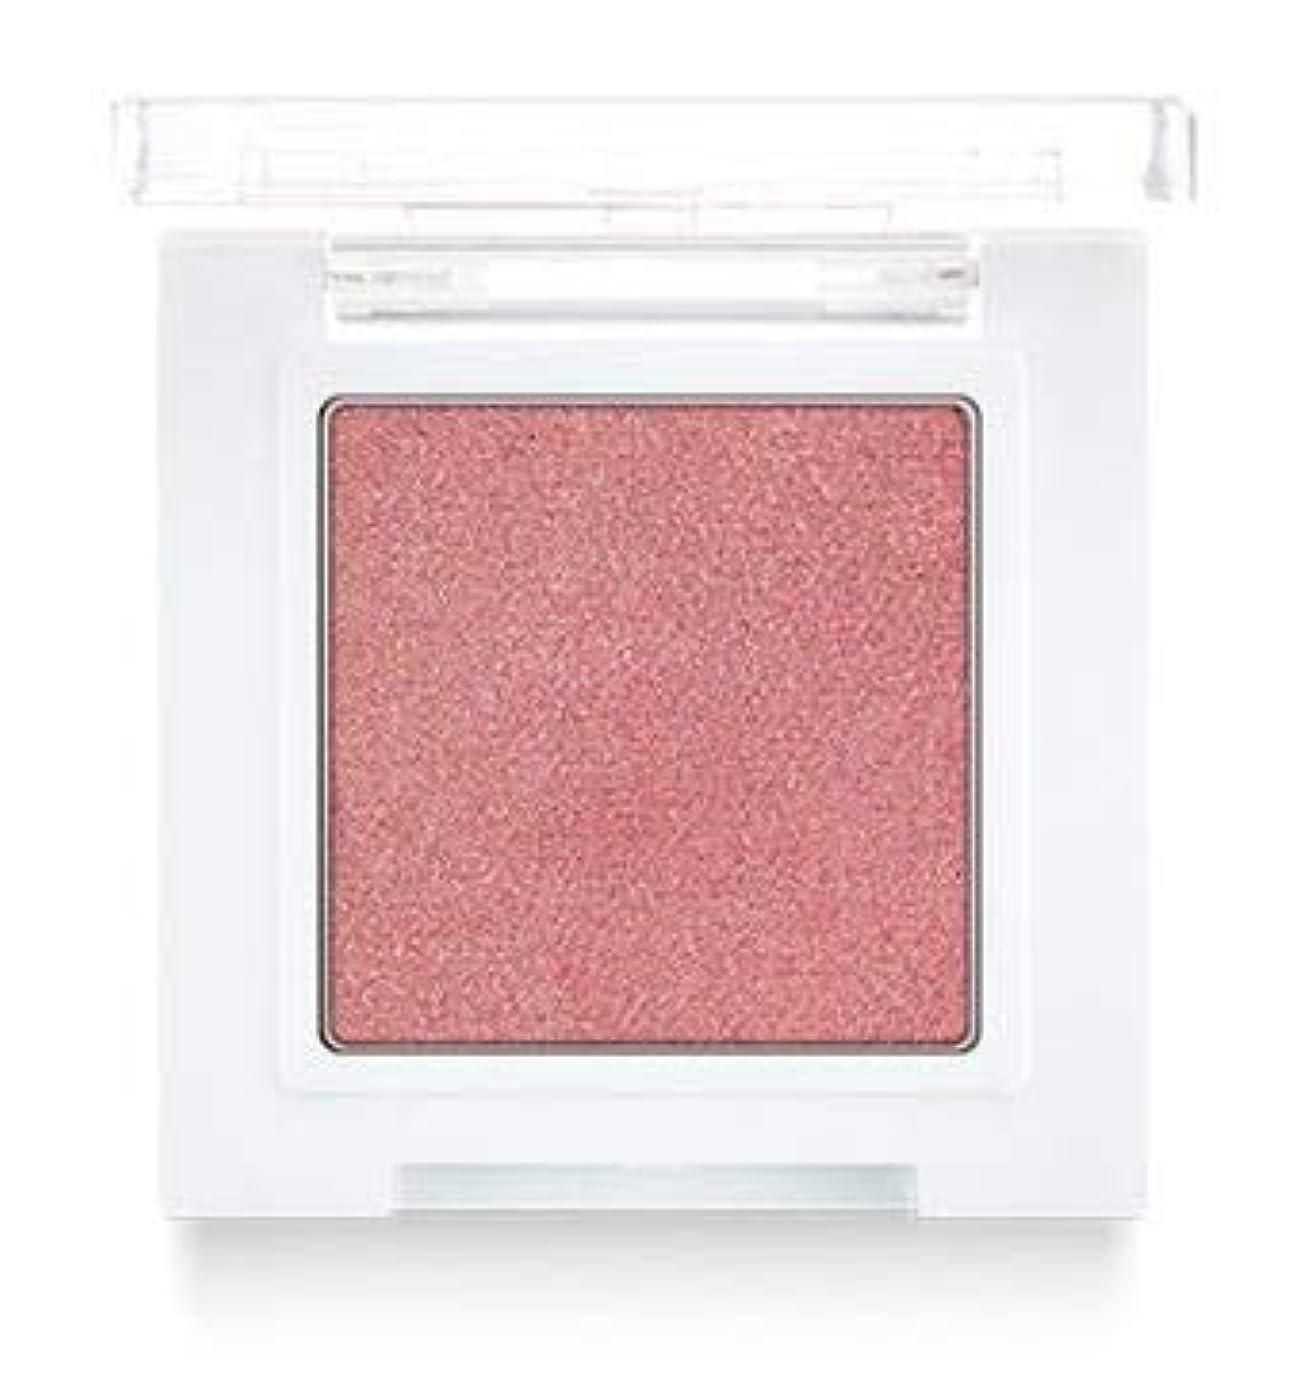 等々愛情深いチェリー[BANILA CO] Eyecrush Shimmer Shadow 2.2g #SPK03 Marshmallow Pink / [バニラコ] アイクラッシュシマーシャドウ 2.2g #SPK03 マシュメロピンク [並行輸入品]